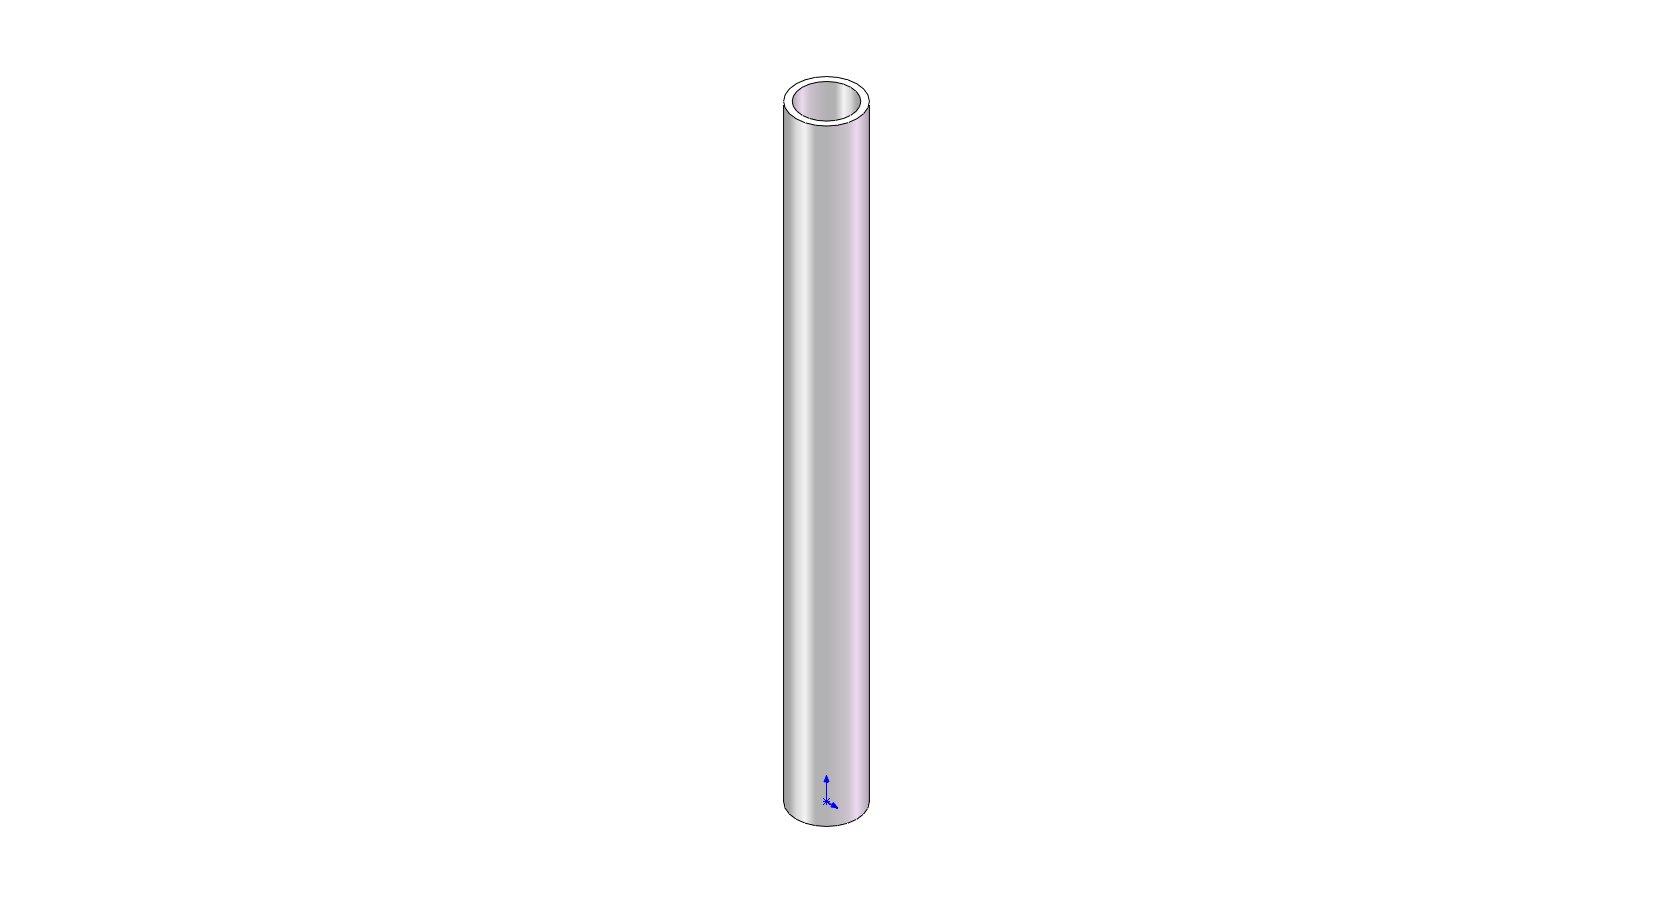 Mytee PH610 PVC Pipe 3/4